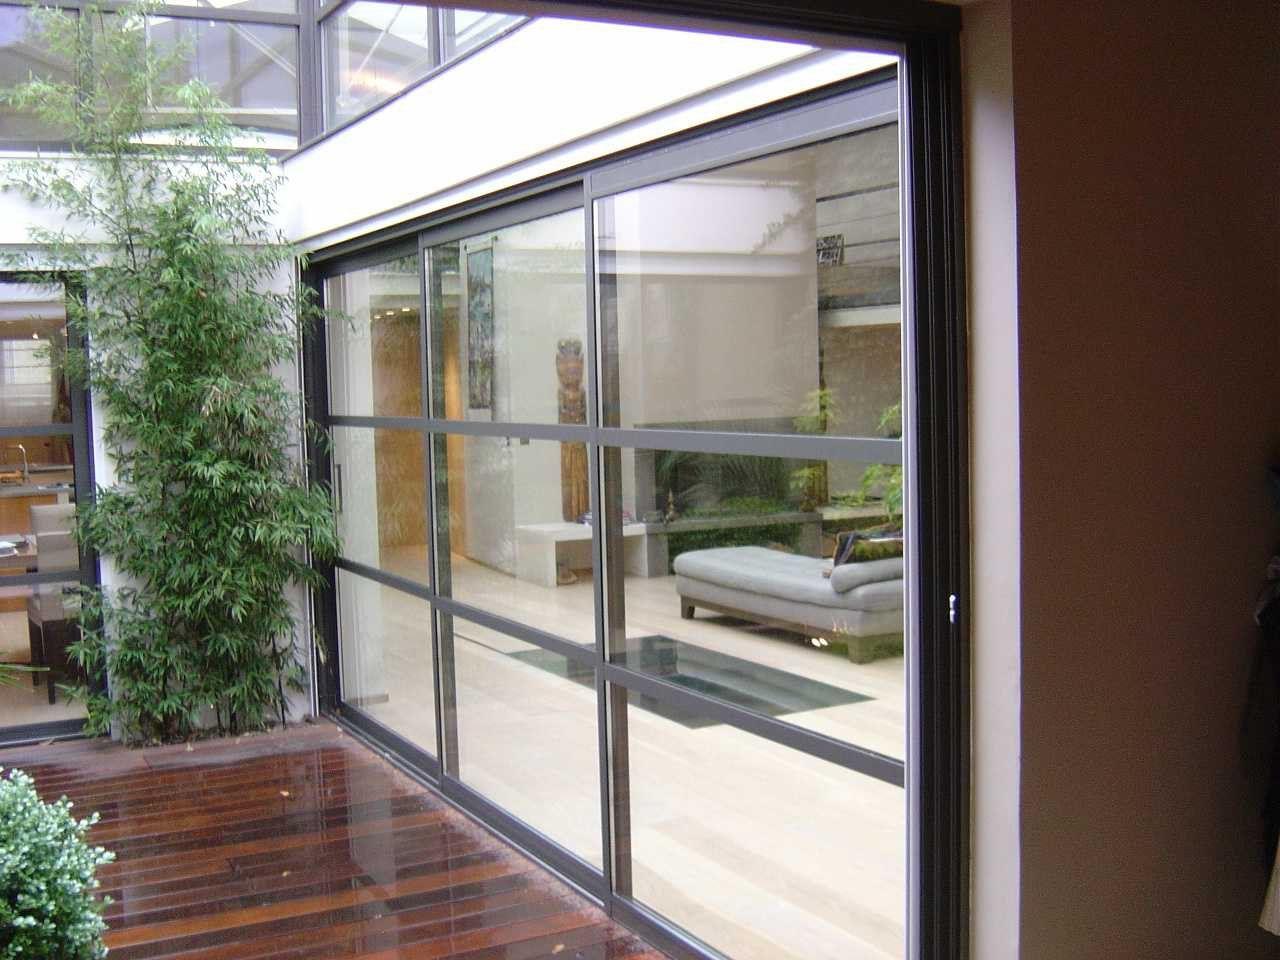 Baie vitre en bois cheap installer une baie vitre avant - Cuisiniste chateauroux ...